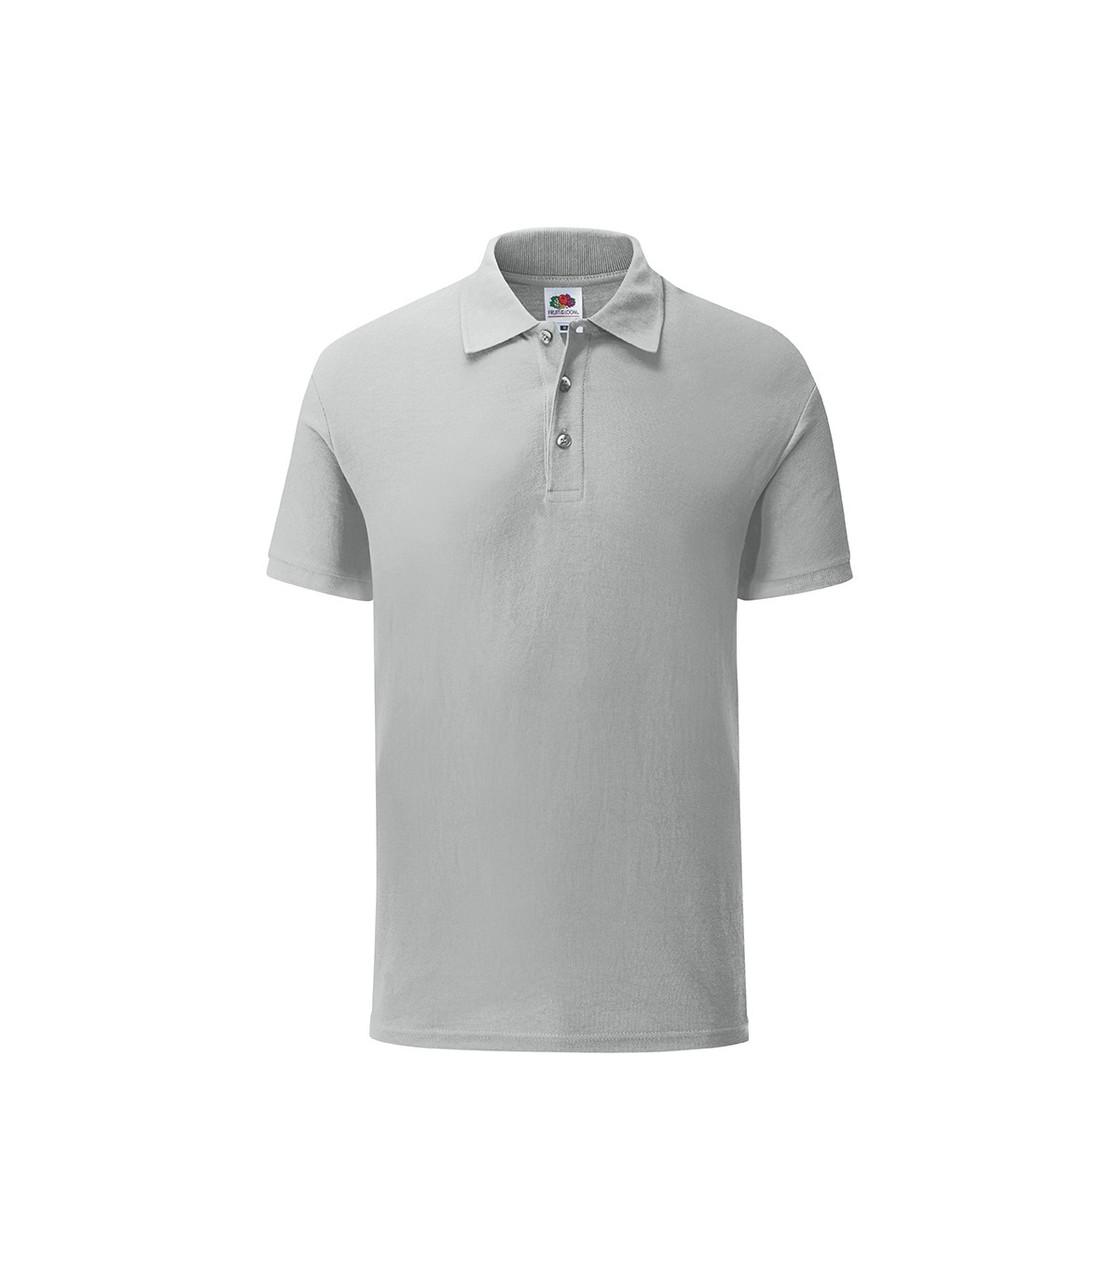 Мужская футболка поло хлопок серая 044-XW